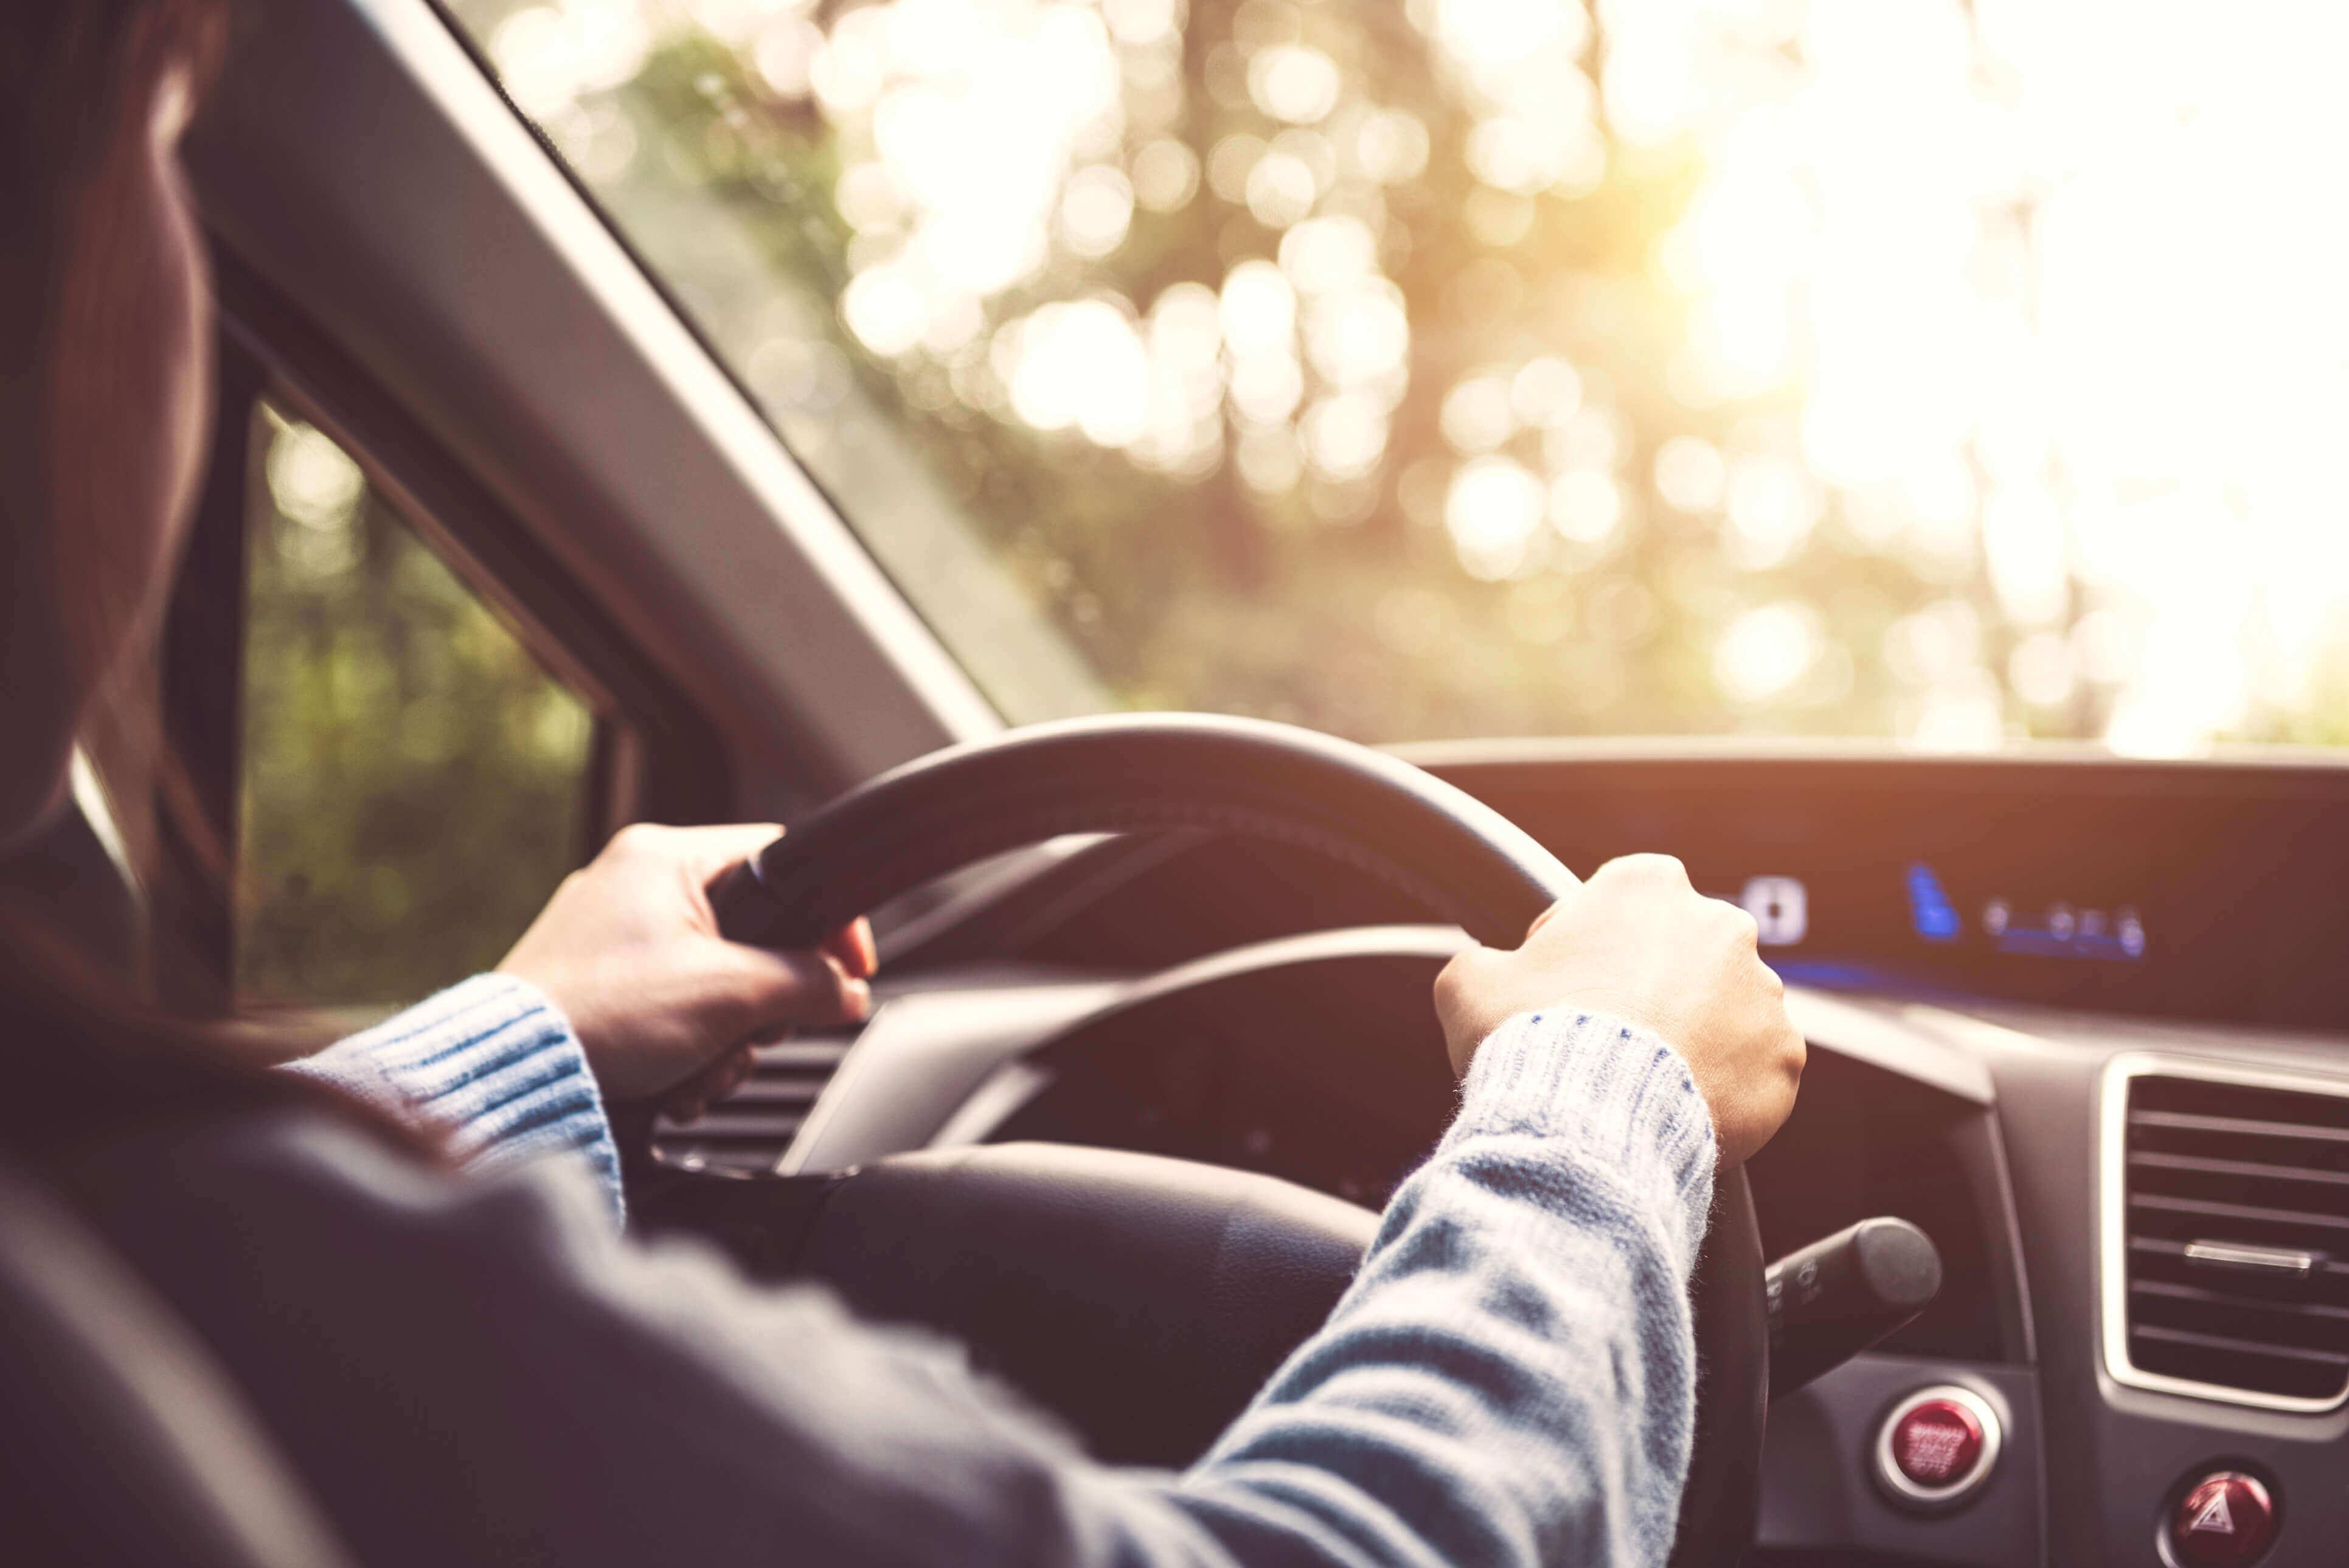 anhänger fahren ohne anhängerführerschein